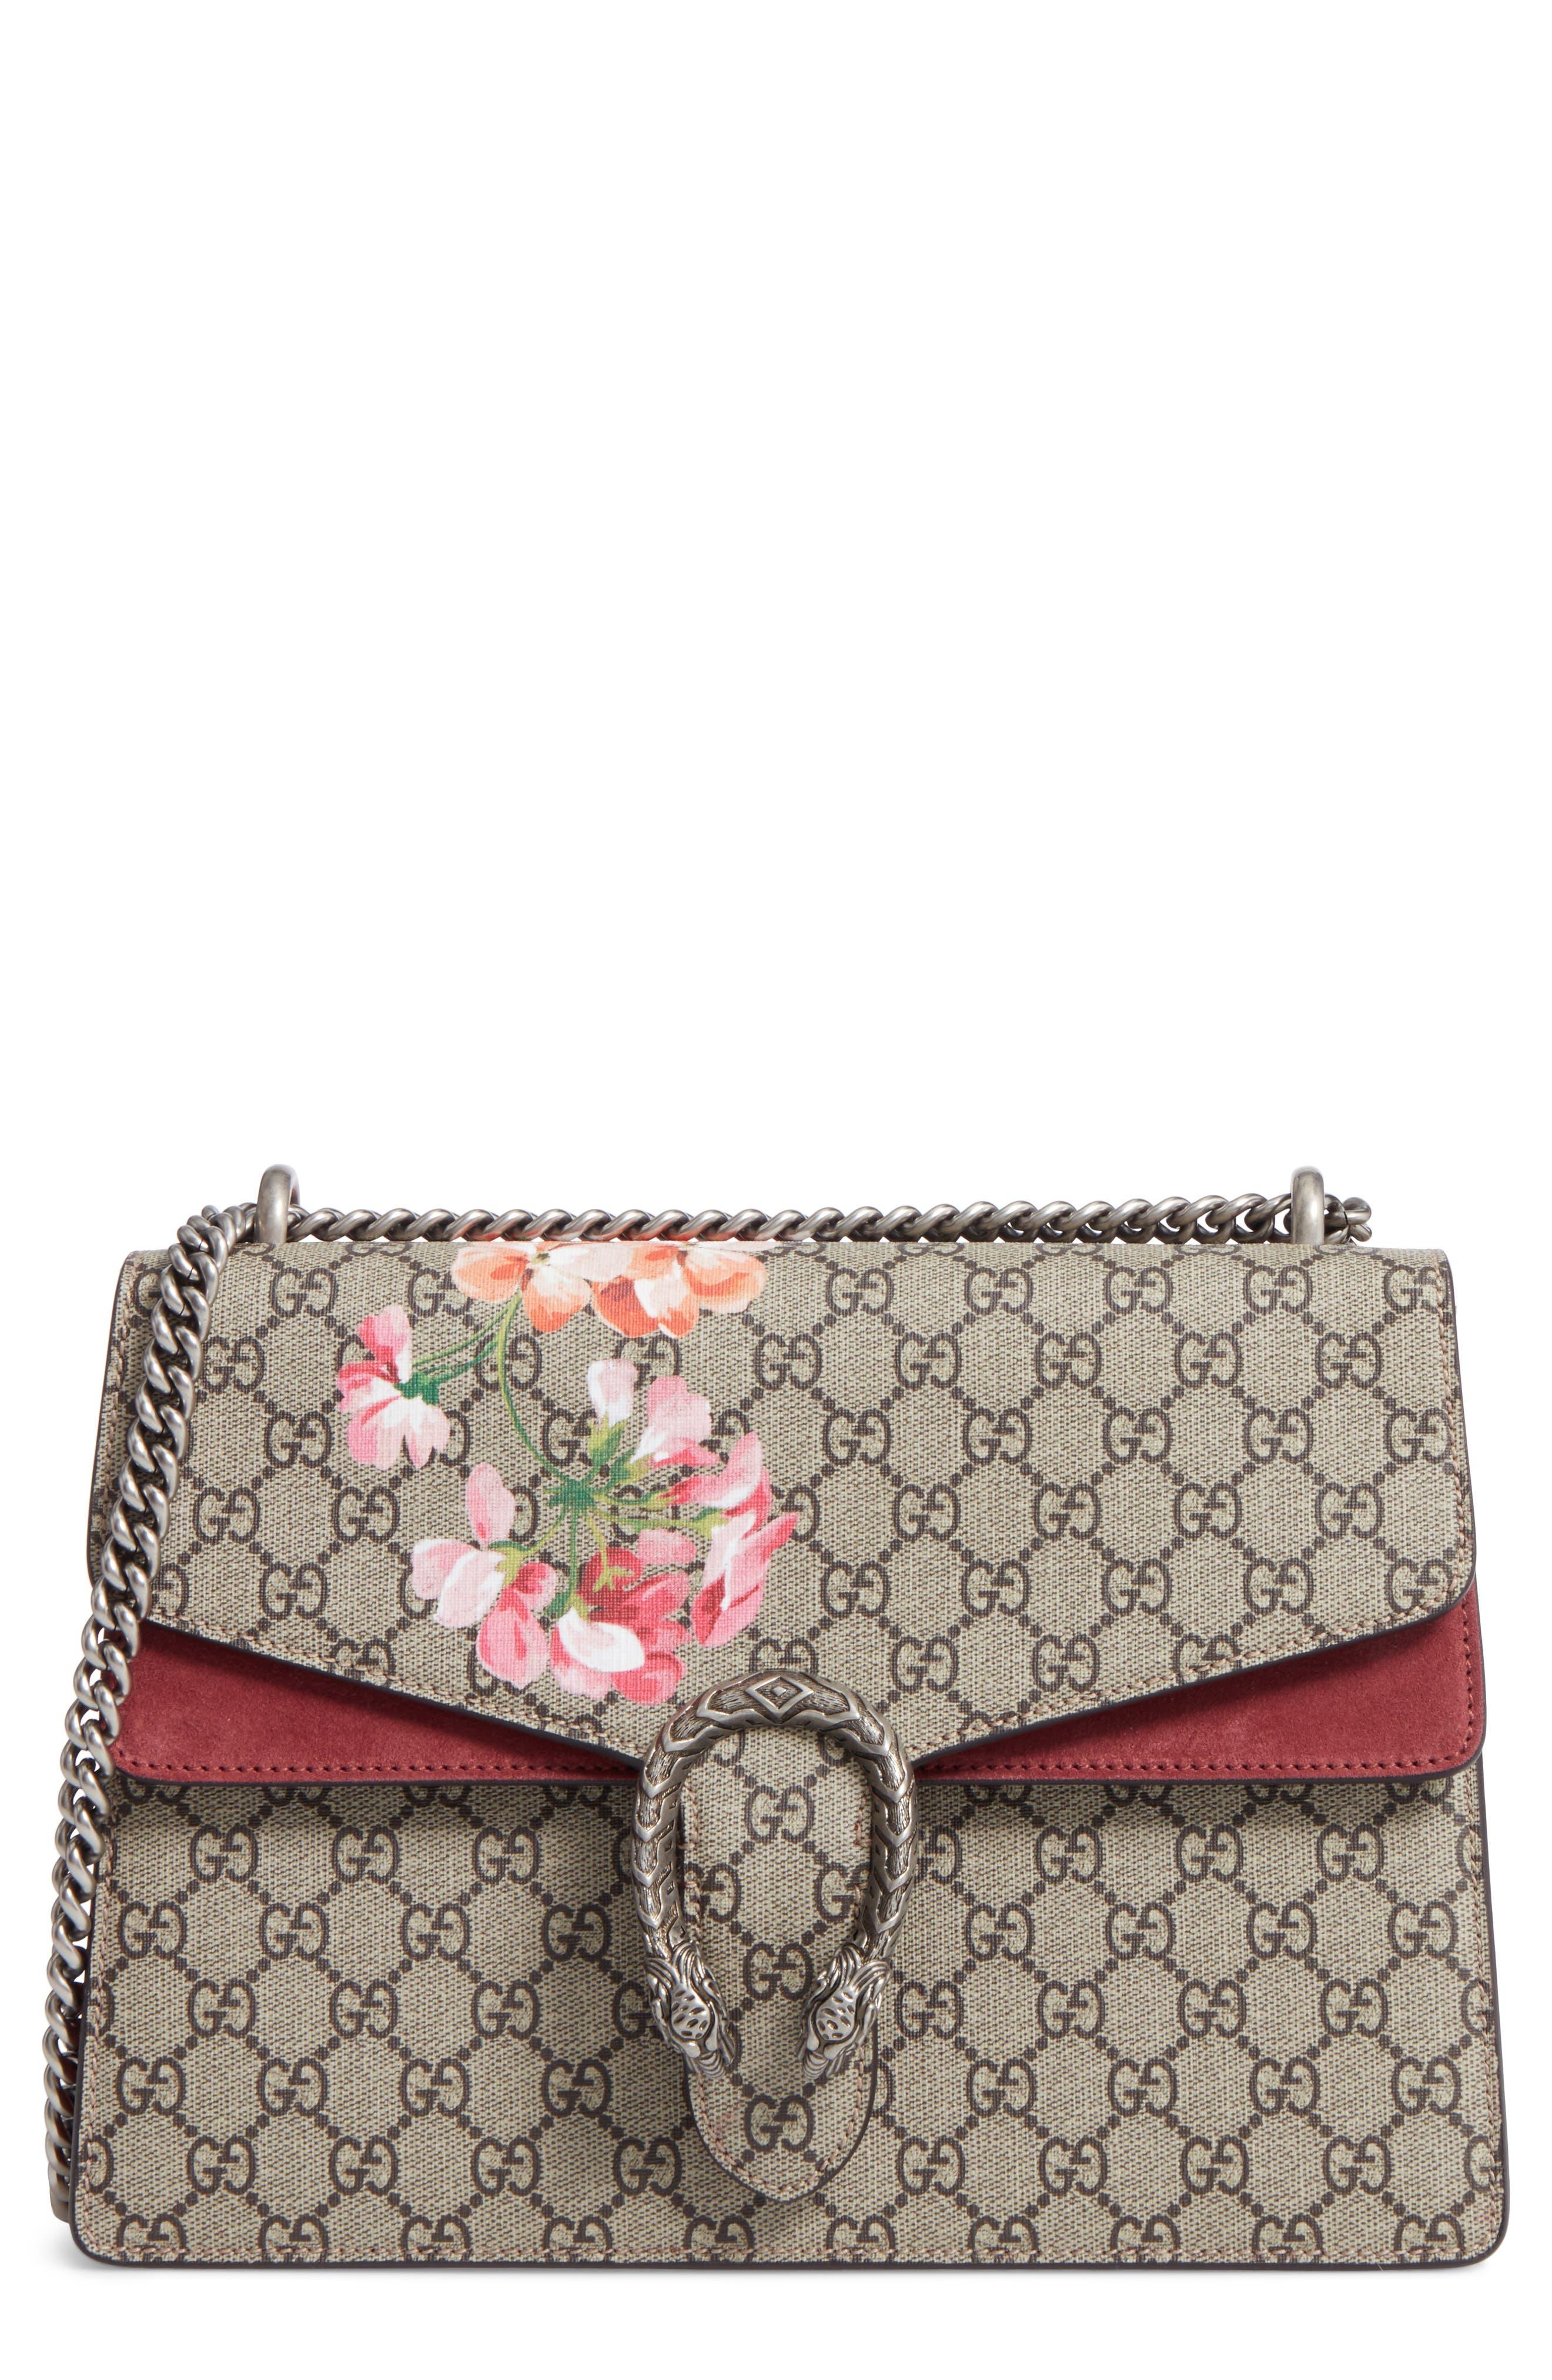 Gucci Large Floral GG Supreme Canvas & Suede Shoulder Bag